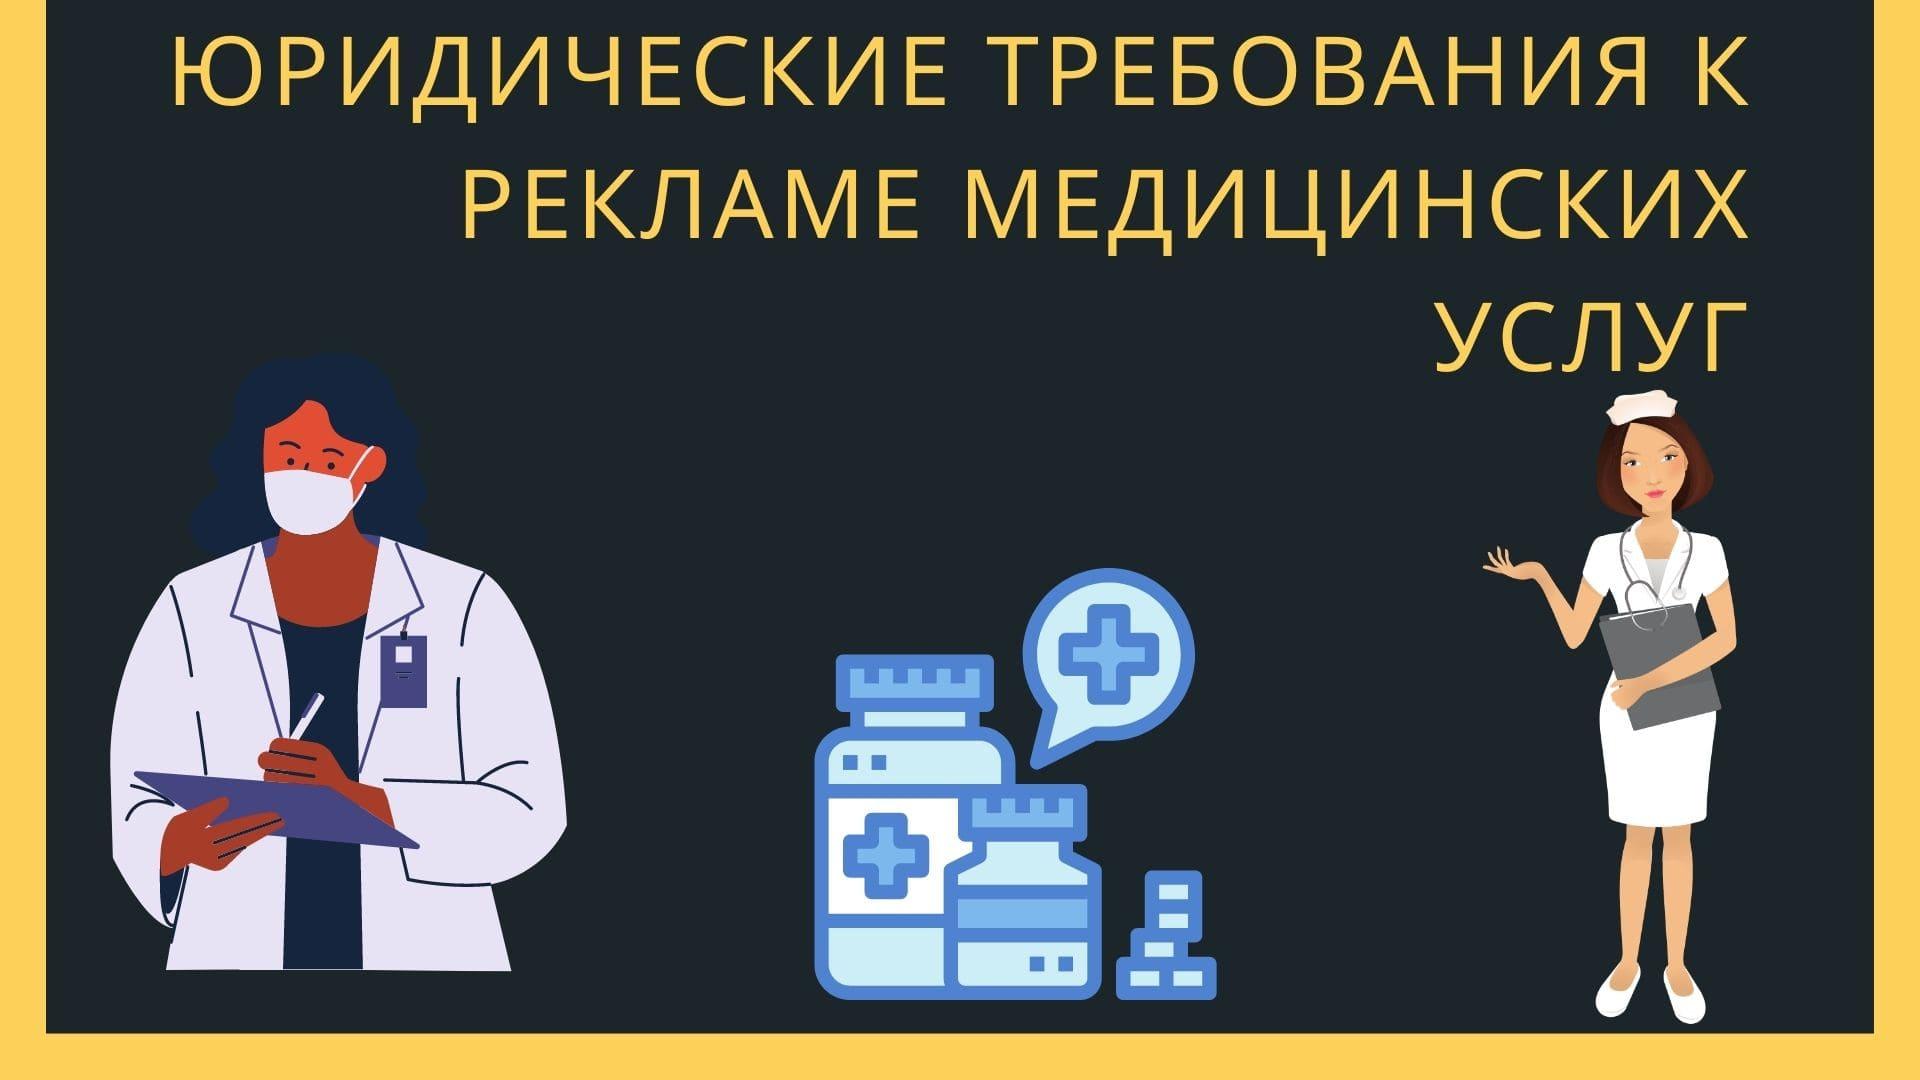 Юридические требования к рекламе медицинских услуг